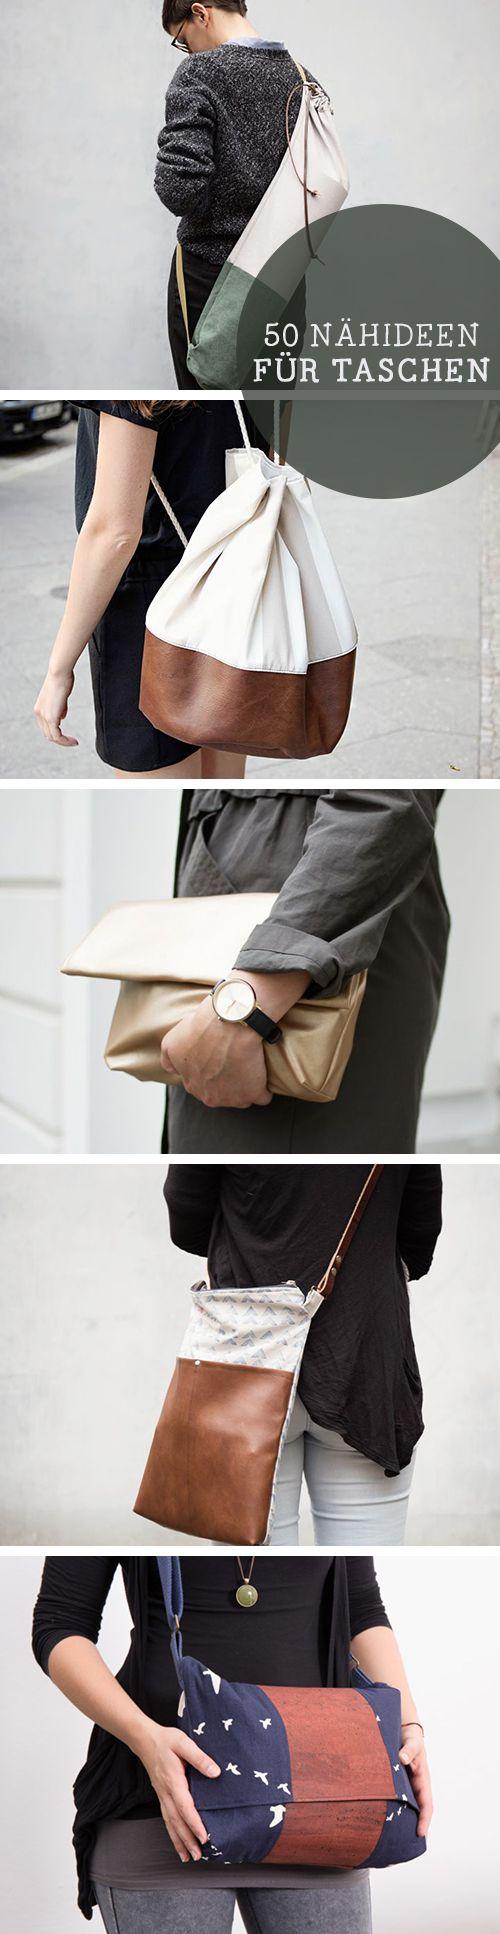 Taschen nähen - Do It Yourself Anleitungen von